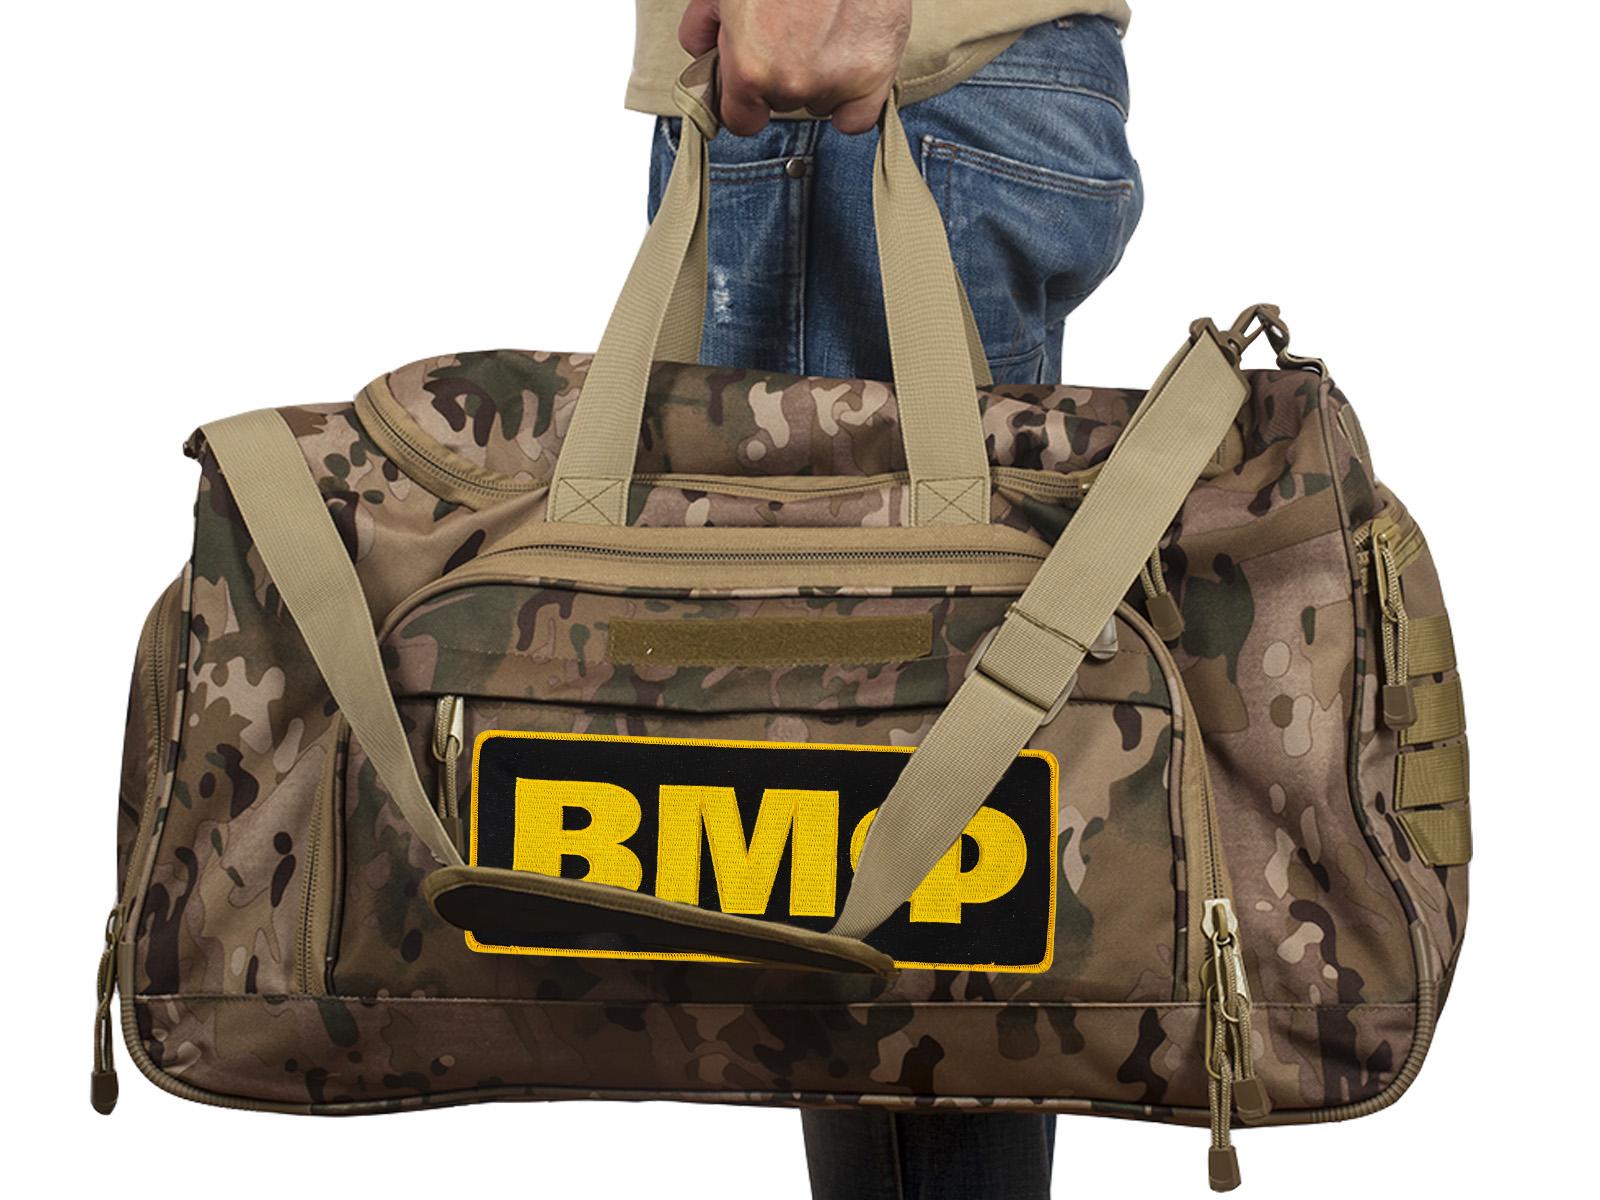 Купить военную тревожную сумку 08032B Multicam с нашивкой ВМФ с доставкой в ваш город